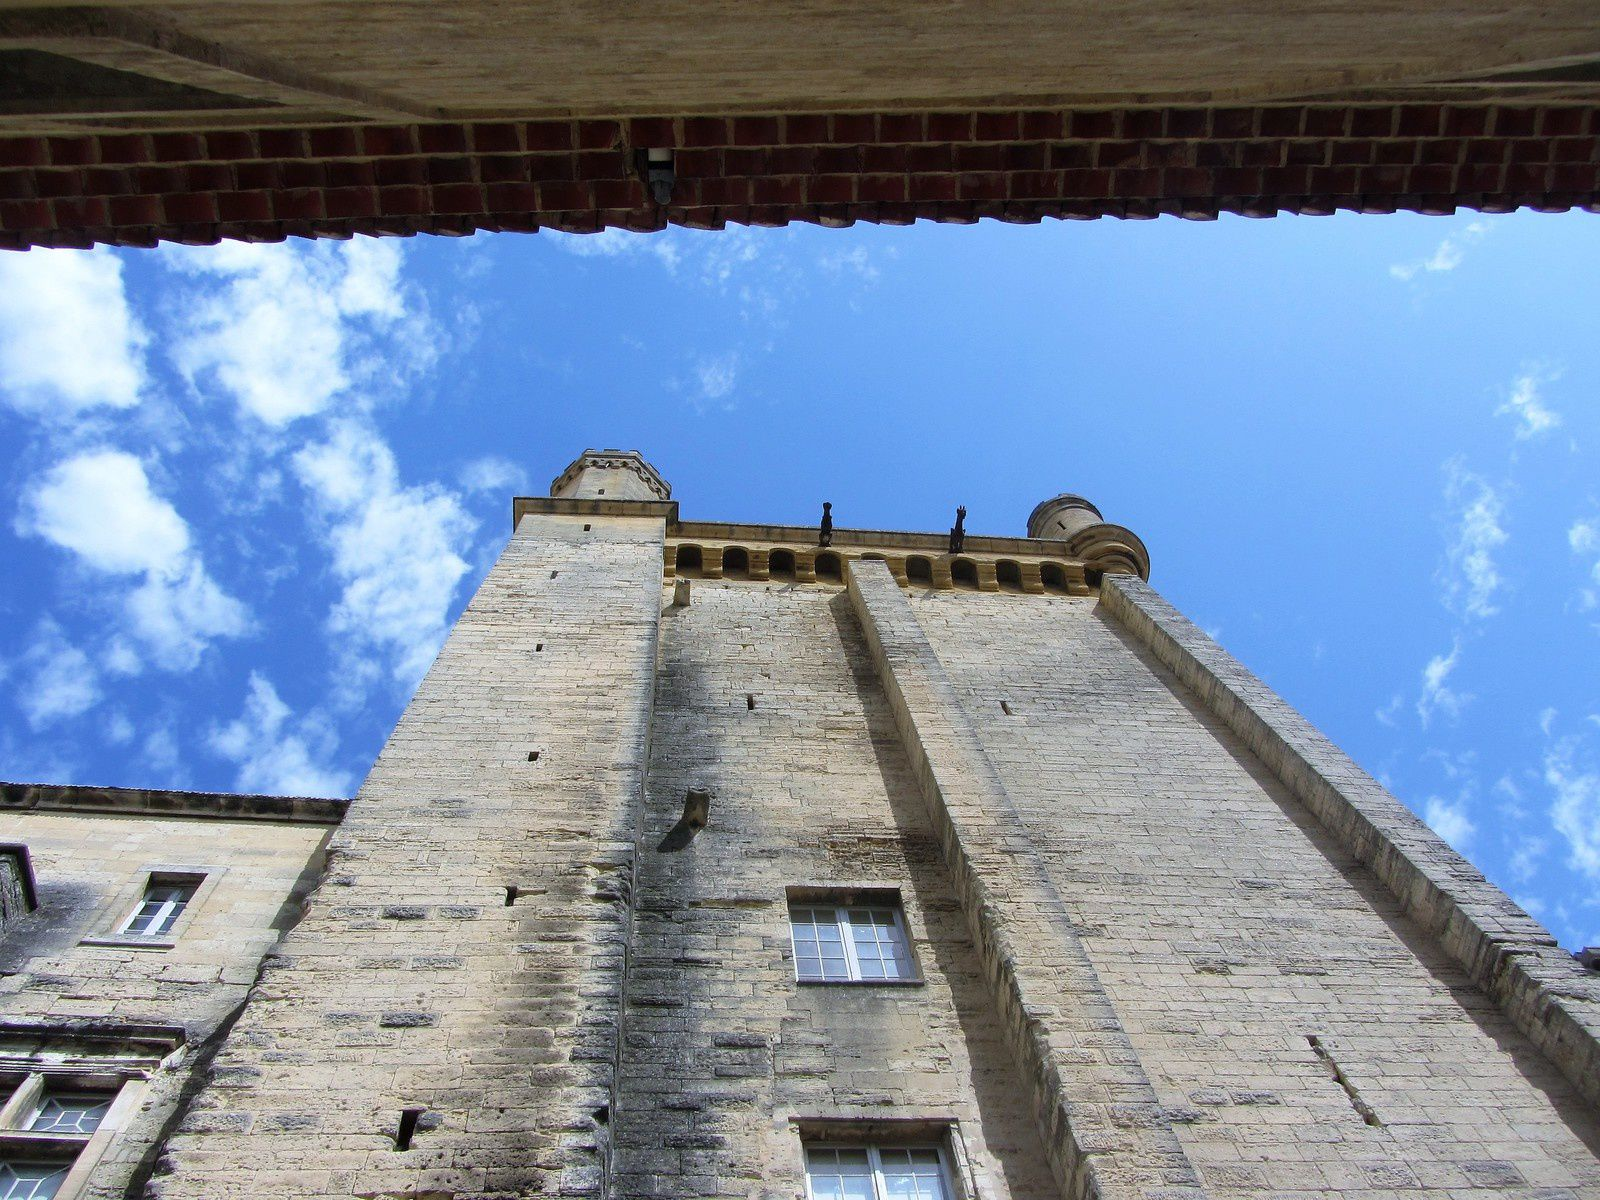 L'ensemble des bâtiments est dominé par une puissante tour médiévale